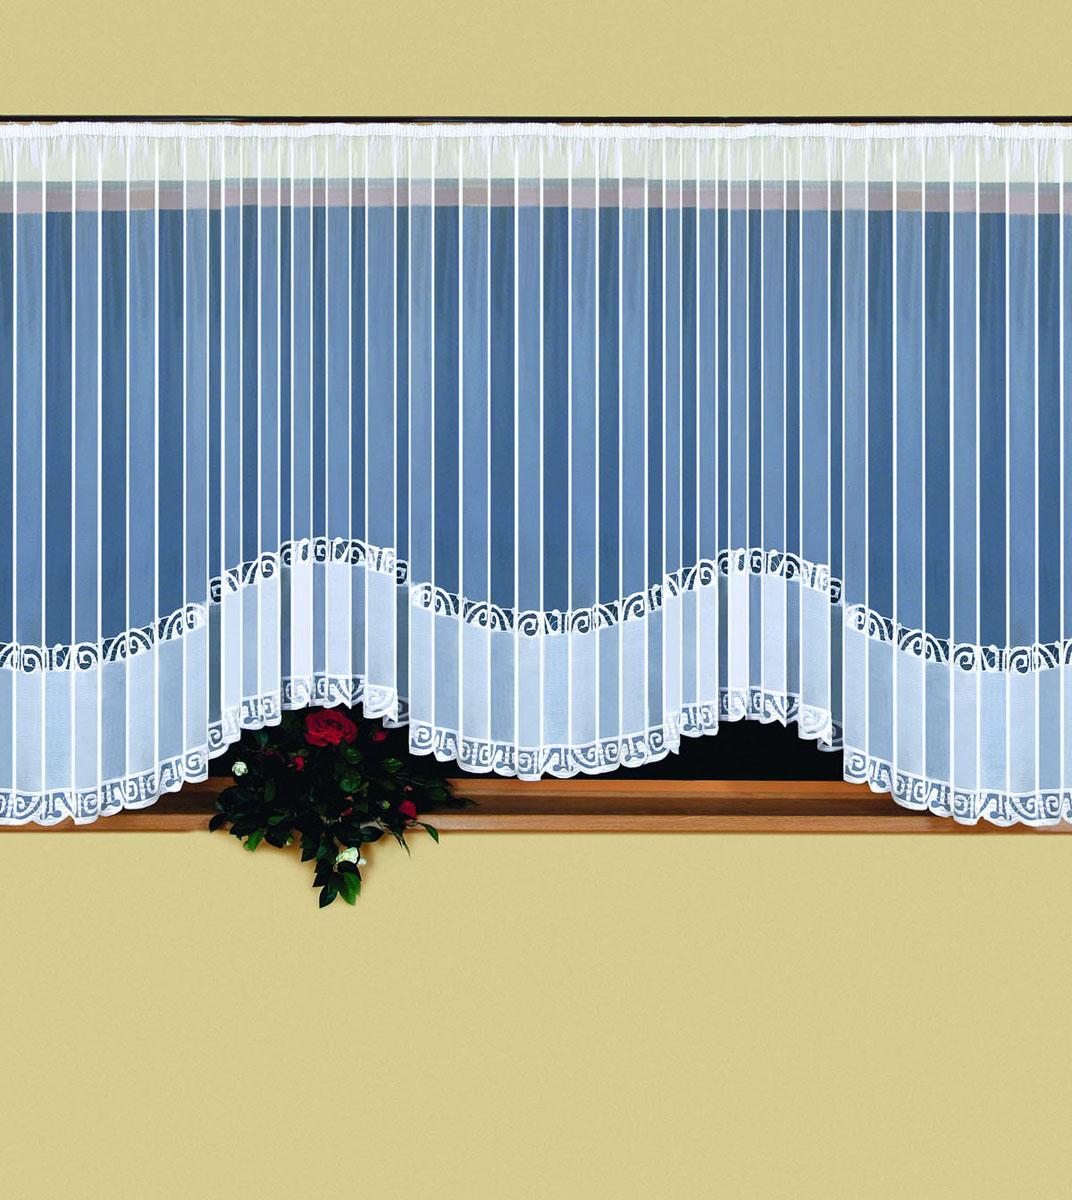 Гардина Weranika, на ленте, цвет: белый, 600 см х 150 см524839Воздушная гардина Weranika, изготовленная из полиэстера белого цвета, станет великолепным украшением любого окна. Тонкое плетение, оригинальный дизайн и приятная цветовая гамма привлекут к себе внимание и органично впишутся в интерьер комнаты. В гардину вшита шторная лента. Фирма Wisan на польском рынке существует уже более пятидесяти лет и является одной из лучших польских фабрик по производству штор и тканей. Ассортимент фирмы представлен готовыми комплектами штор для гостиной, детской, кухни, а также текстилем для кухни (скатерти, салфетки, дорожки, кухонные занавески). Модельный ряд отличает оригинальный дизайн, высокое качество.Ассортимент продукции постоянно пополняется. Характеристики:Материал: 100% полиэстер. Цвет: белый. Размер упаковки:32 см х 5 см х 25 см. Артикул: 524839.В комплект входит:Гардина - 1 шт. Размер (ШхВ): 600 см х 150 см.